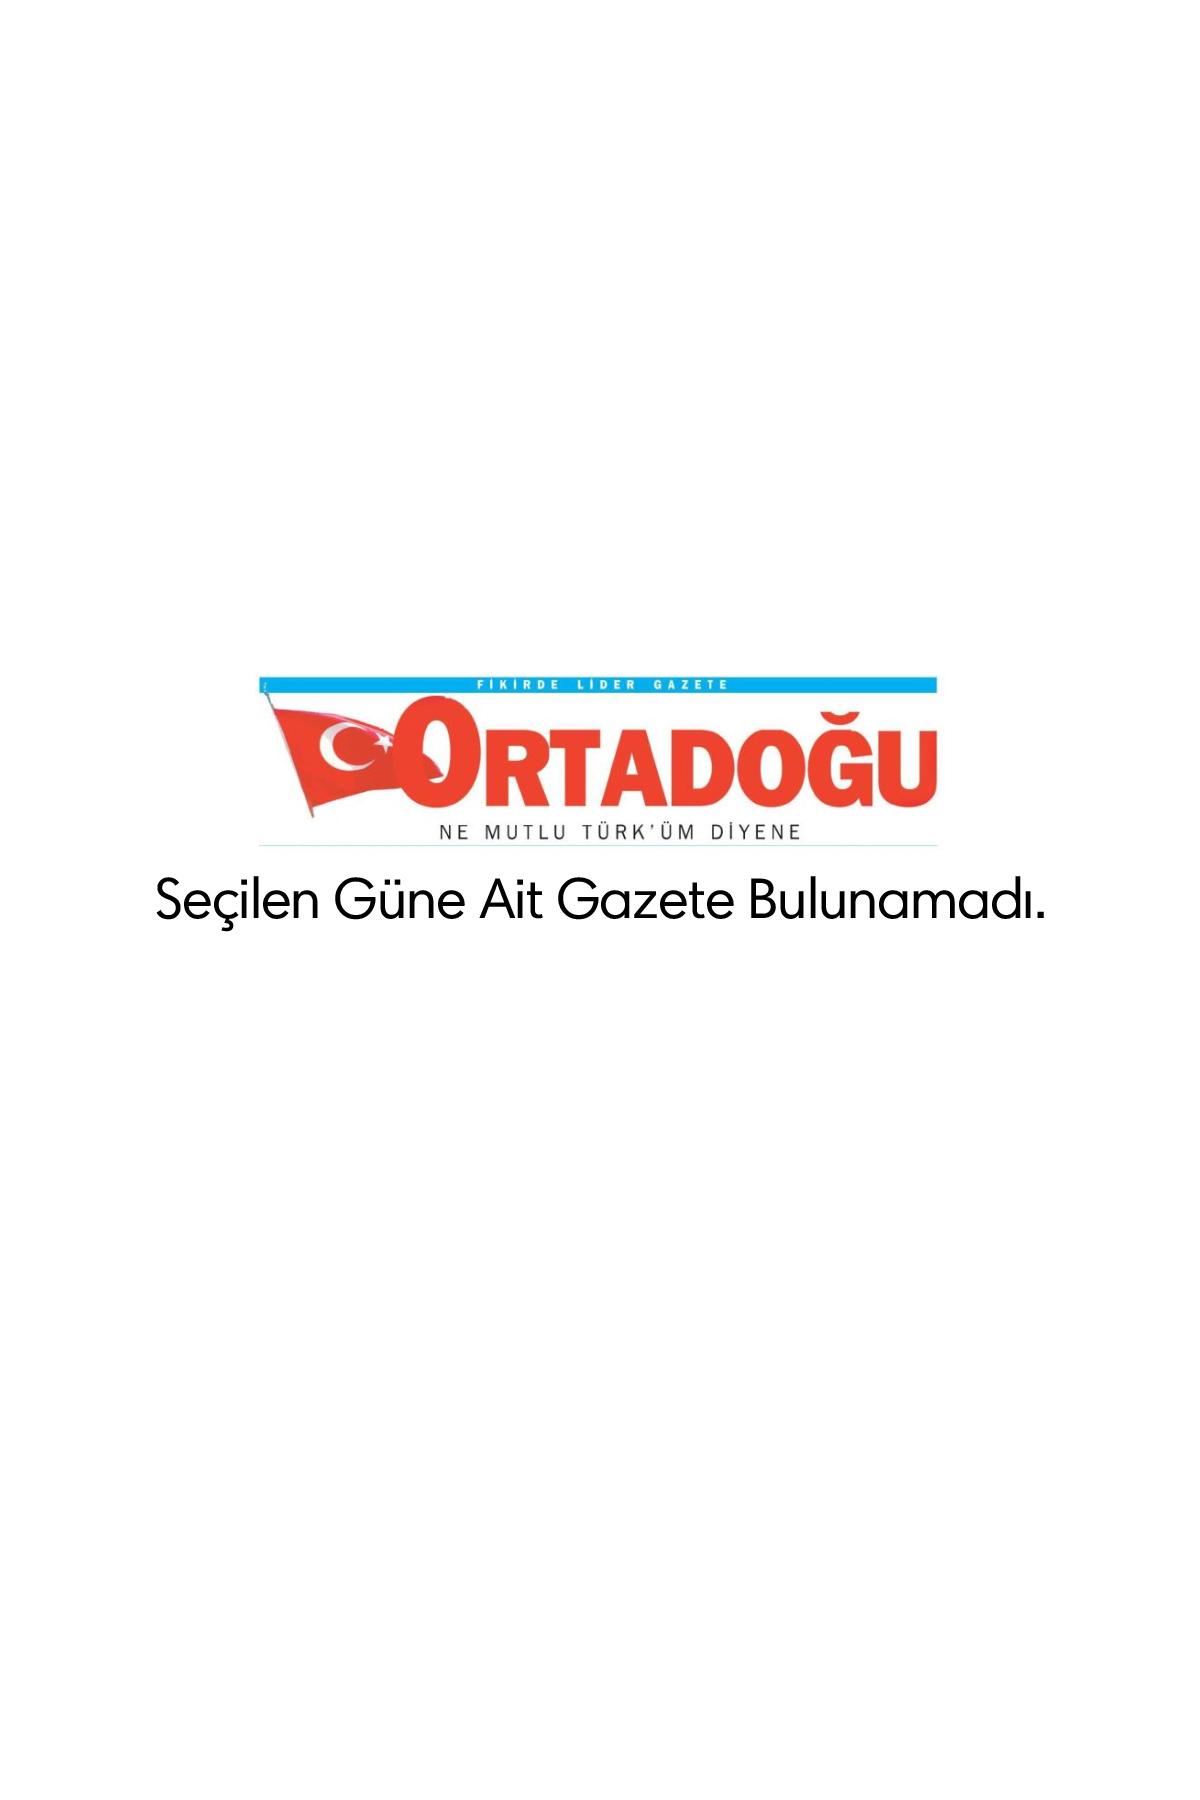 Ortadoğu Gazetesi Manşeti